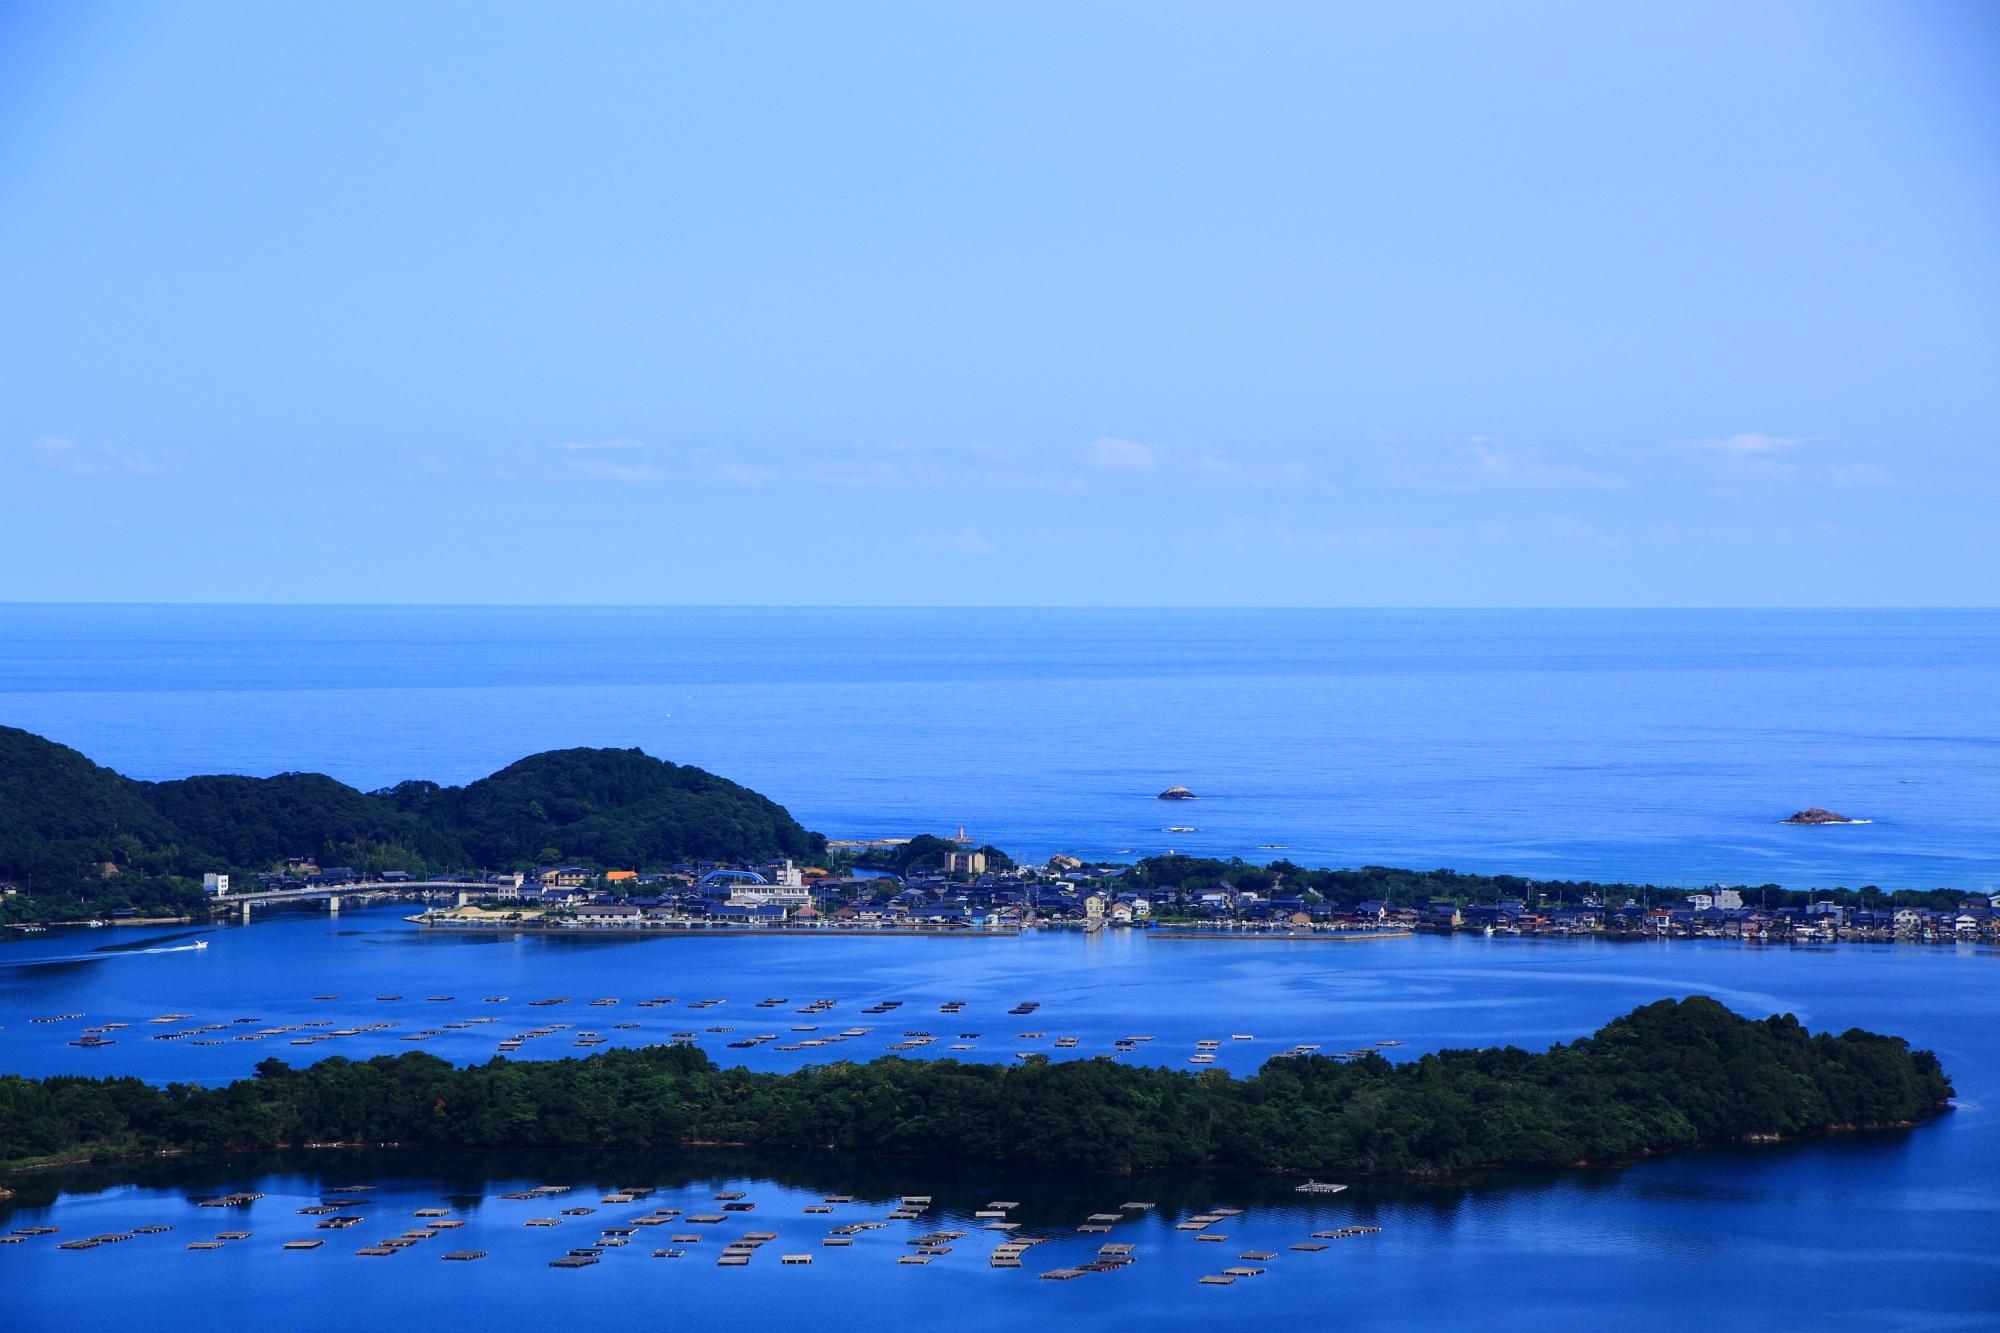 小天橋(しょうてんきょう)と久美浜湾の奥に広がる日本海